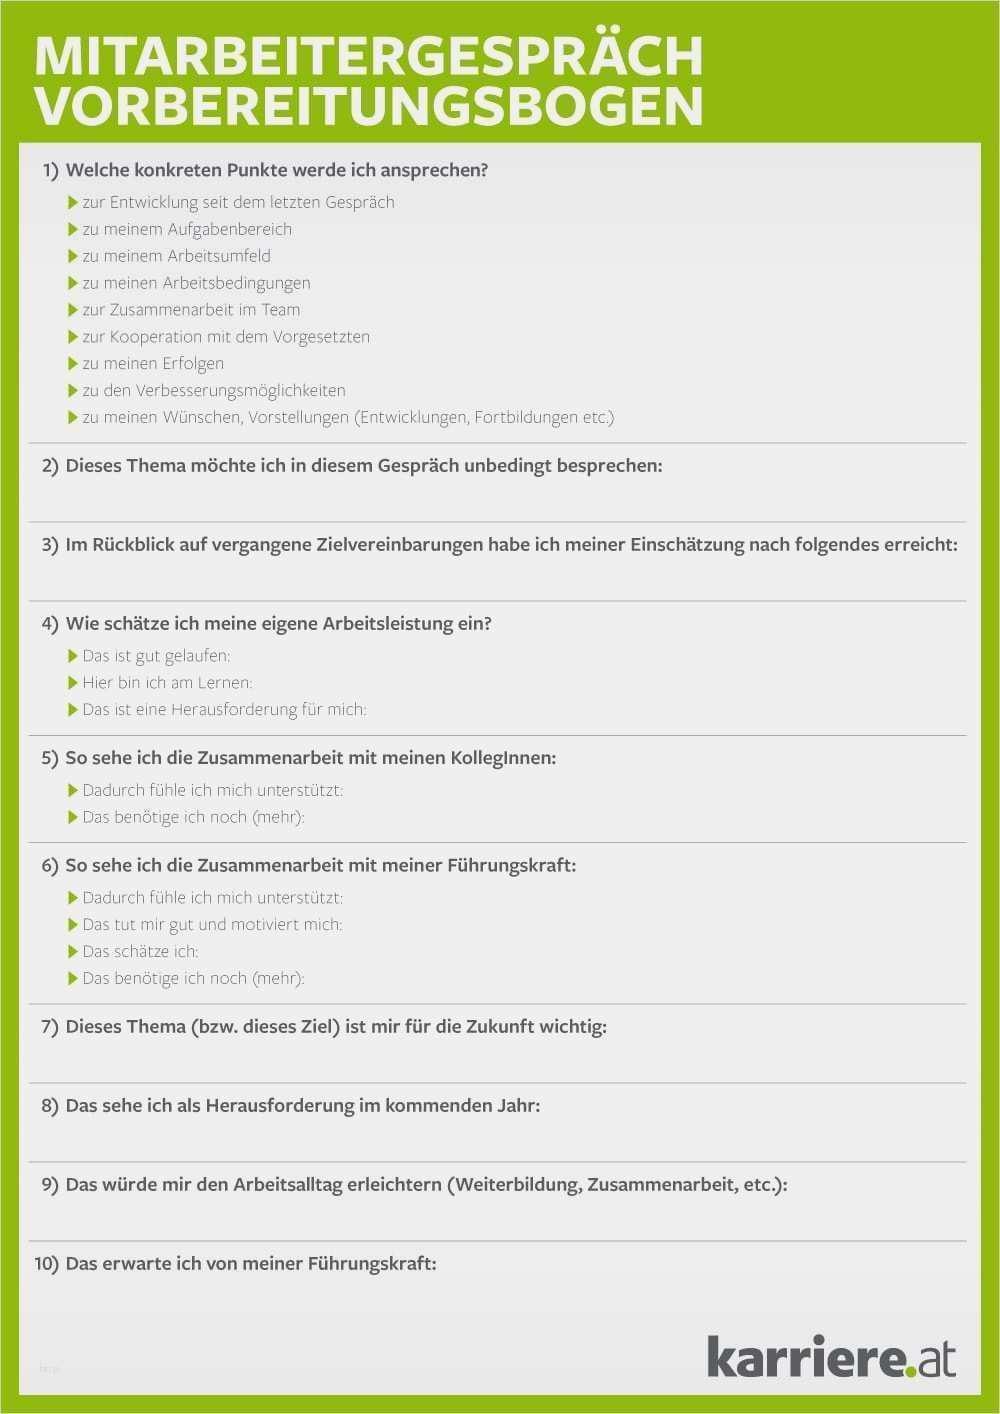 19 Fabelhaft Mitarbeitergesprache Kita Vorlagen Bilder Menschenfuhrung Lernen Personalfuhrung